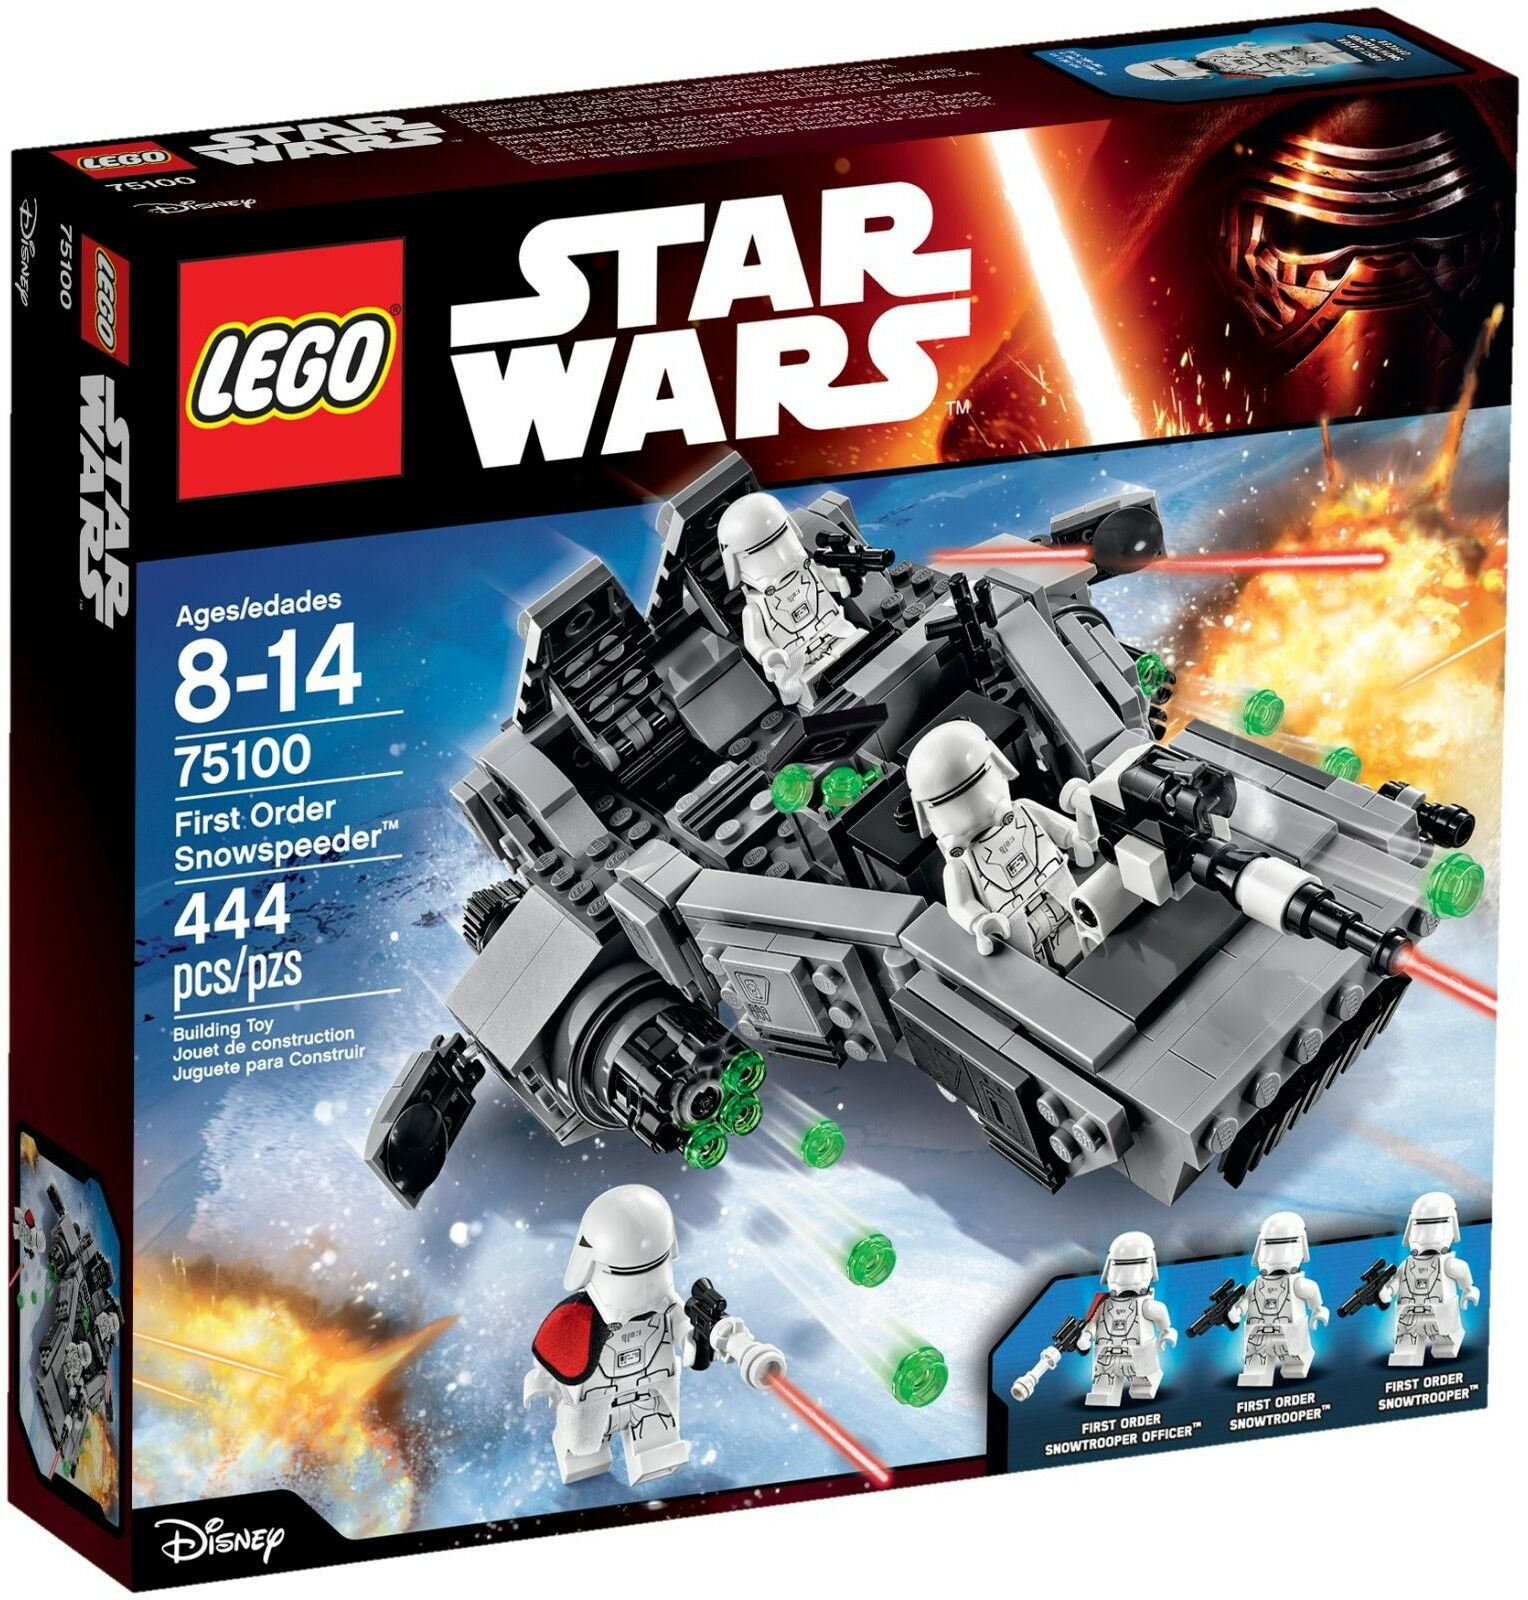 Lego Star Wars Wars Wars - 75100 - First Order Snowspeeder - NEUF et Scellé 0ad542